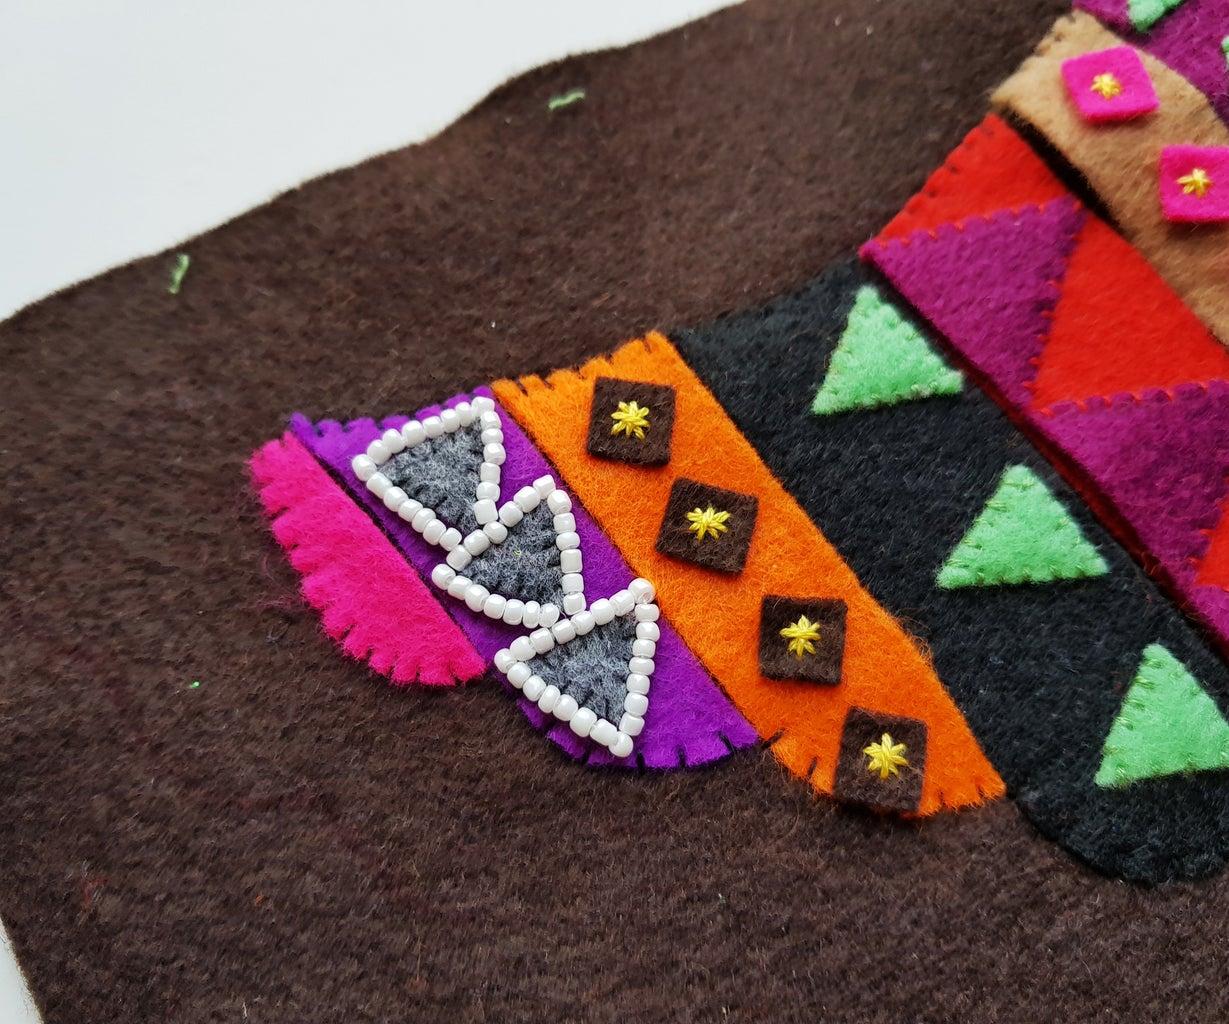 Stitching Seed Beads